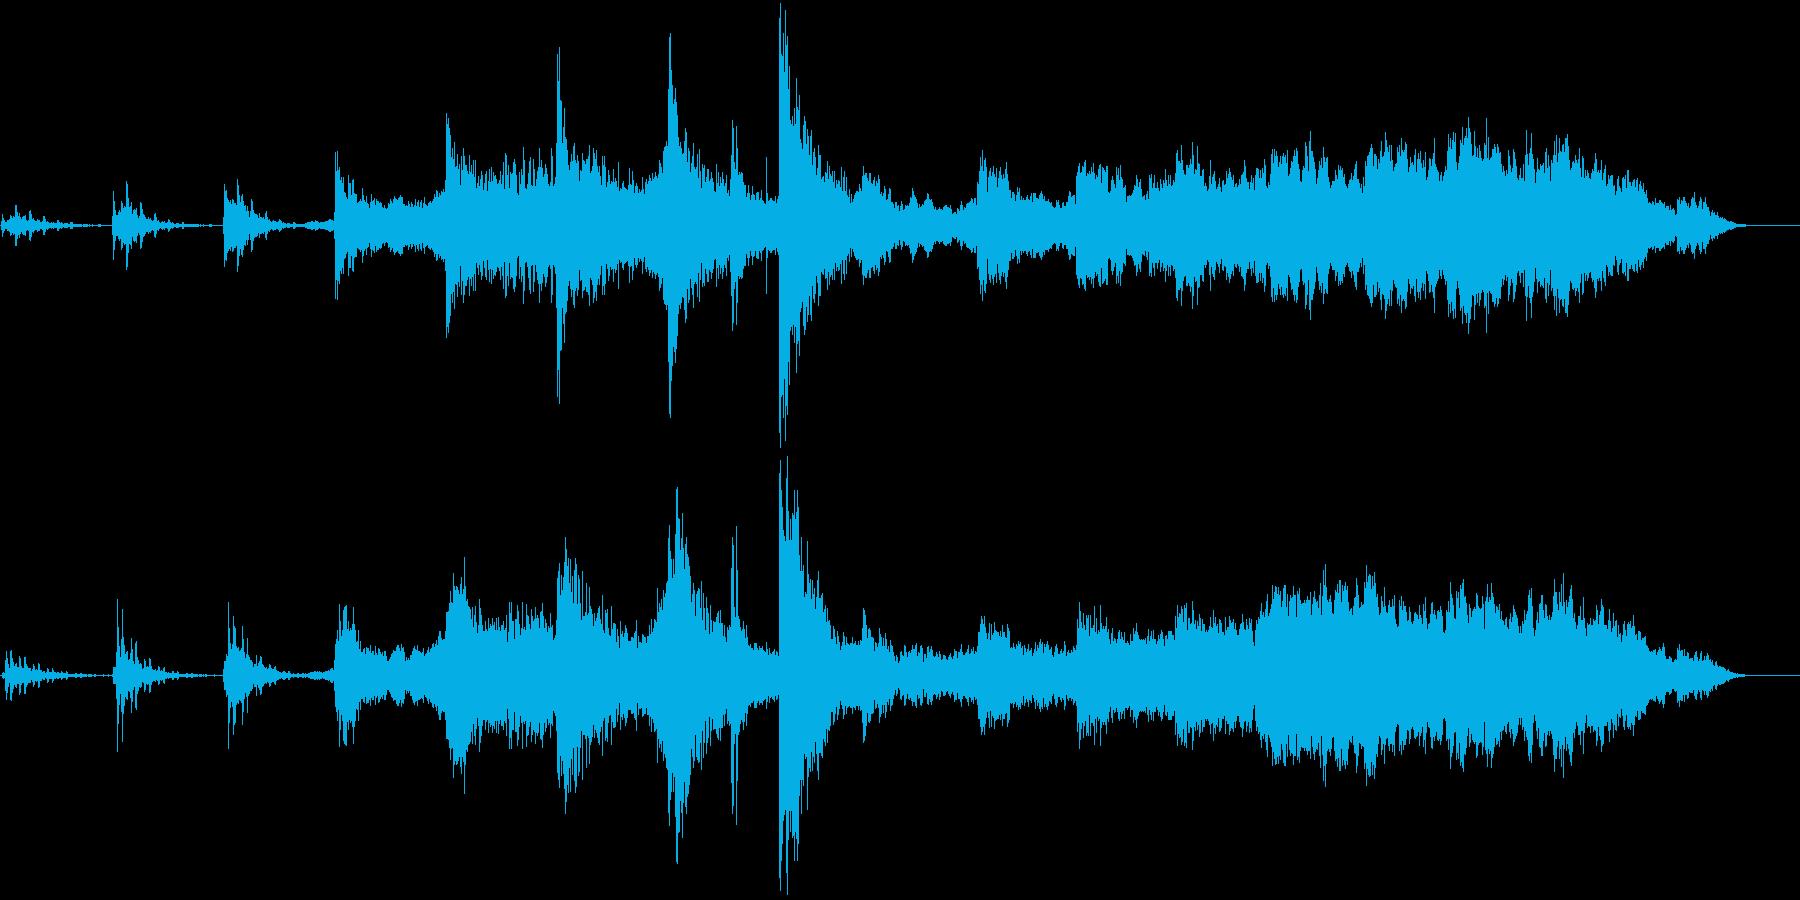 琵琶などを使った和風神秘サスペンス音楽の再生済みの波形